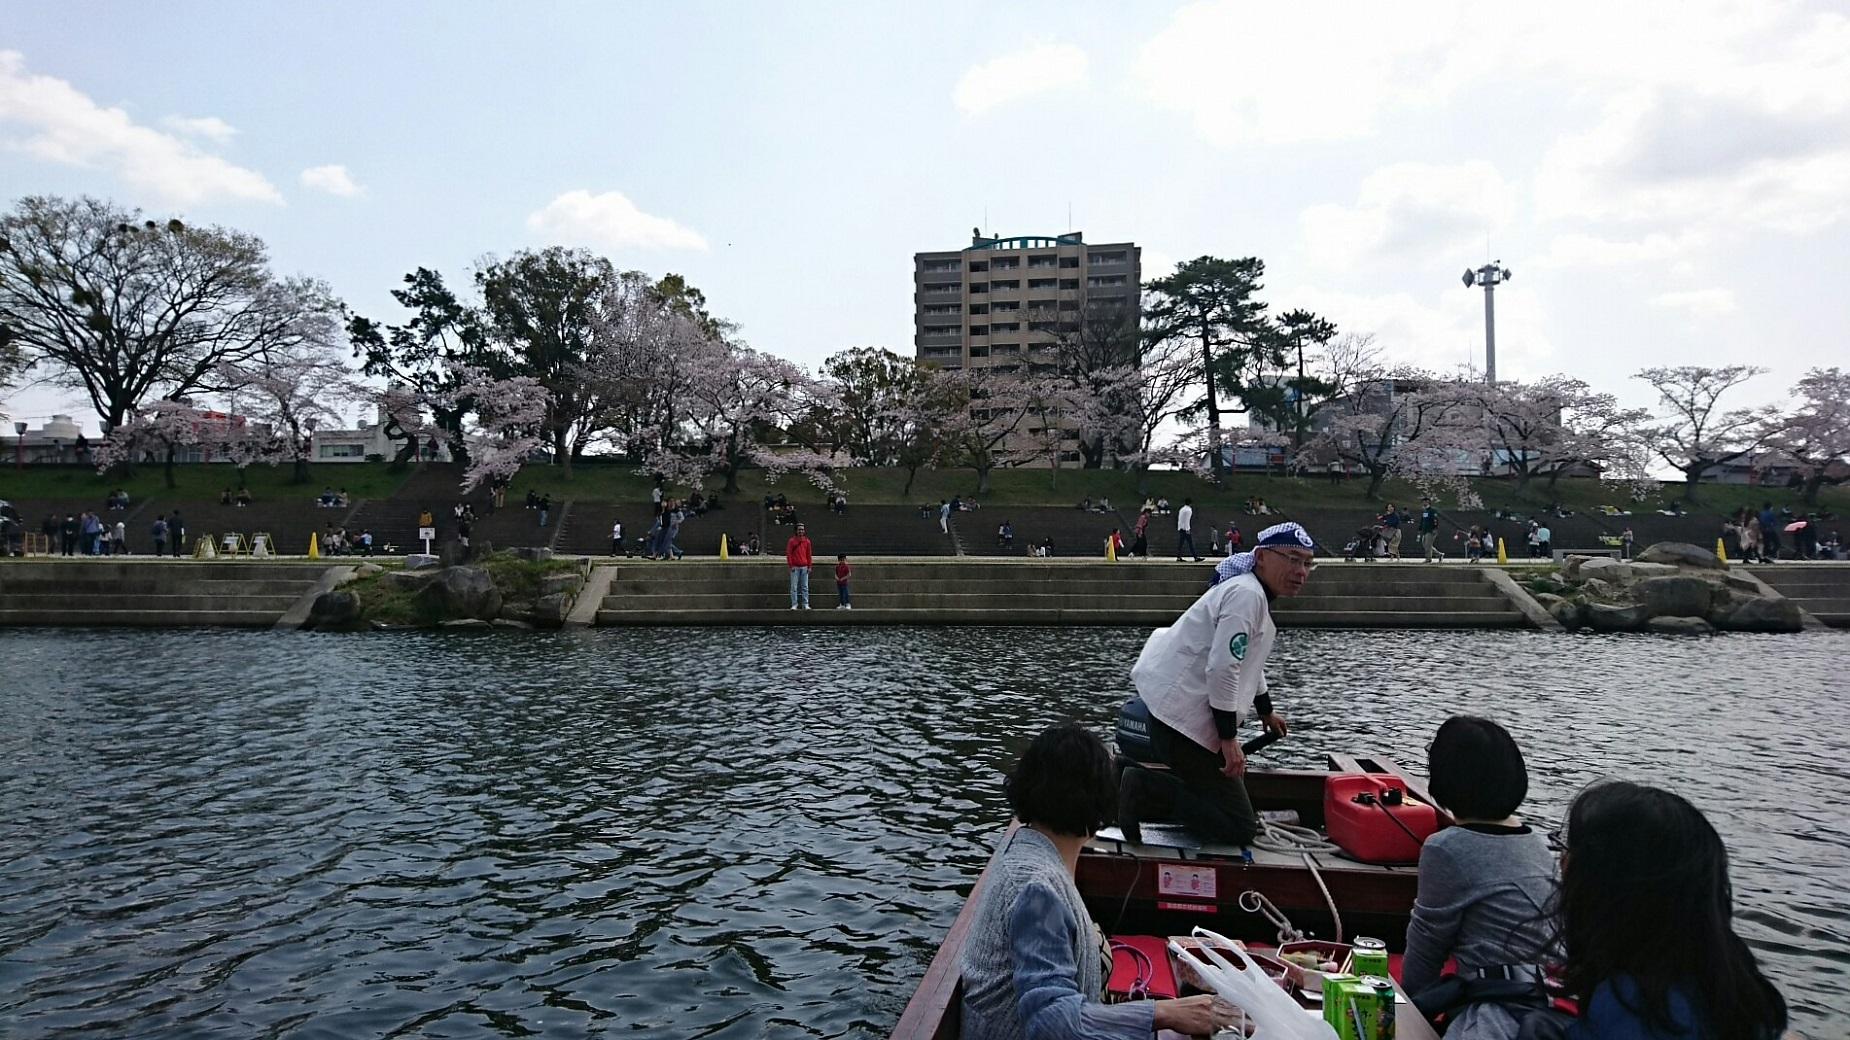 2018.3.31 岡崎ふなあそび (15) くだり - フリスビー 1850-1040